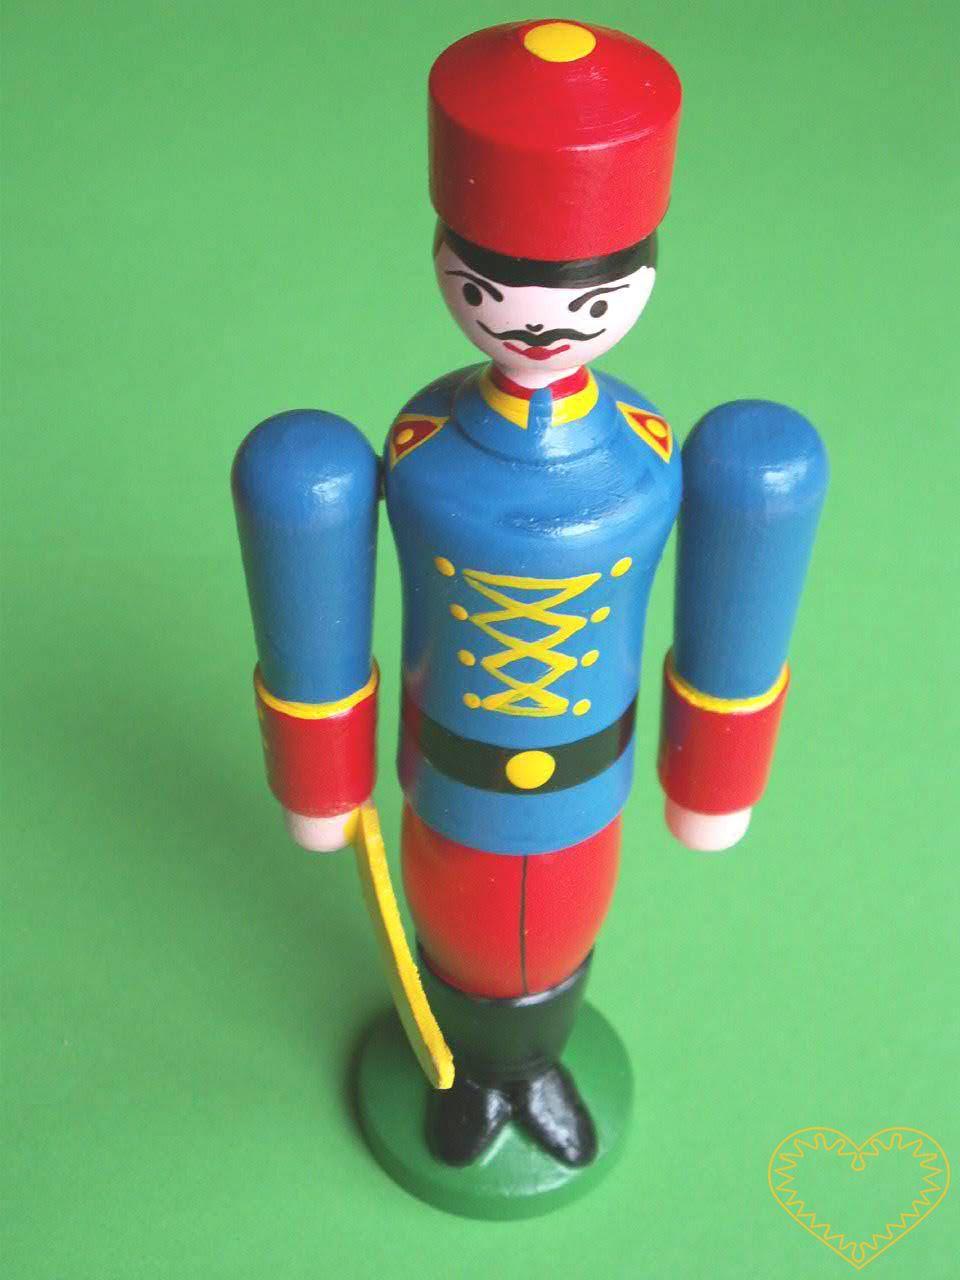 Malovaný dřevěný husar. Krásně malovaný suvenýr vycházející ze vzorů tradičních dětských dřevěných hraček. Soustružená figurka husara ve vojenské uniformě má pohyblivé ruce ve směru nahoru - dolu. V pravé ruce drží šavli.